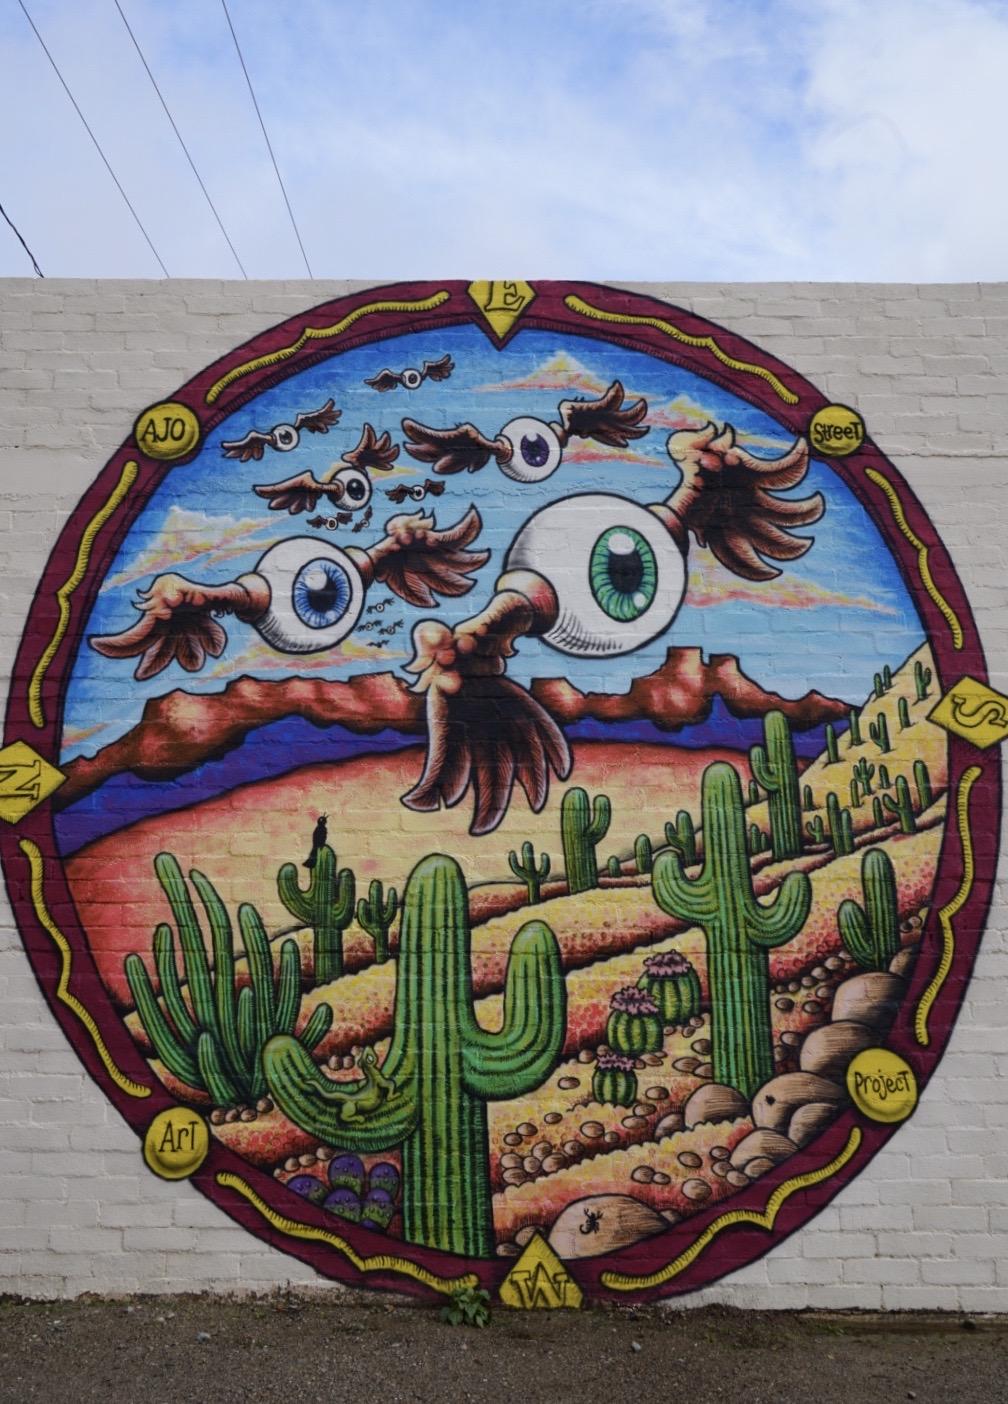 ArizonaAjoDec2019-1